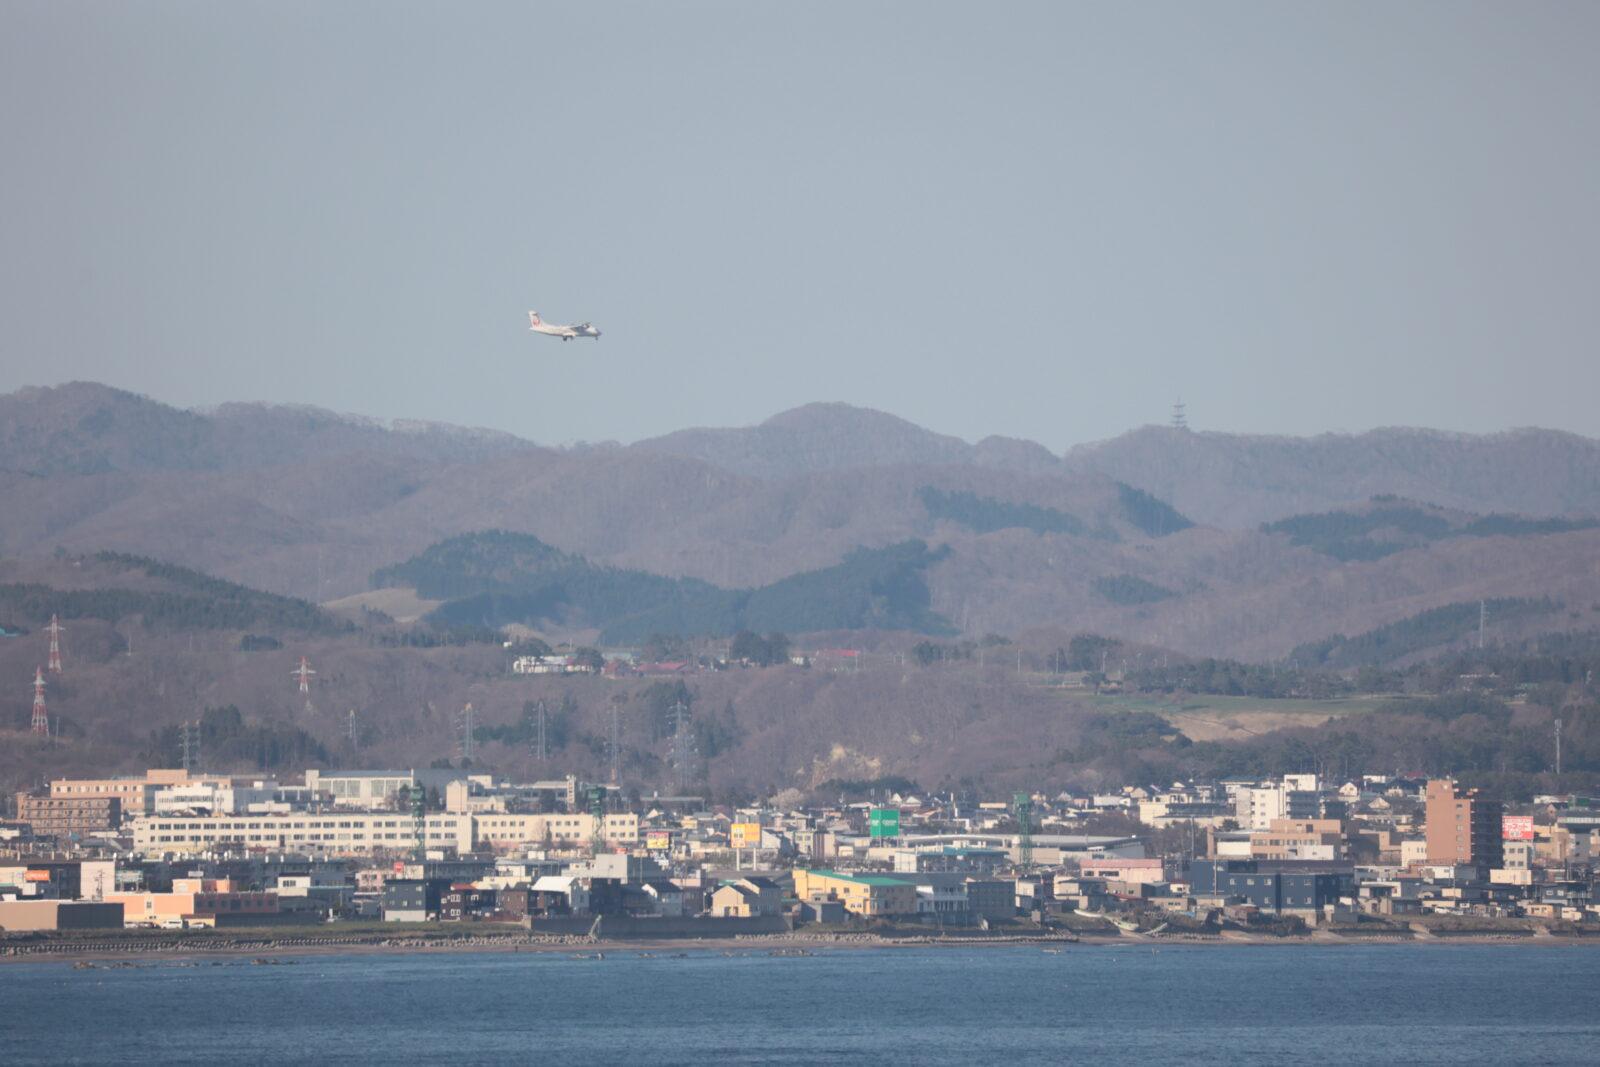 立待岬から撮影したHAC(JAL)の小型機